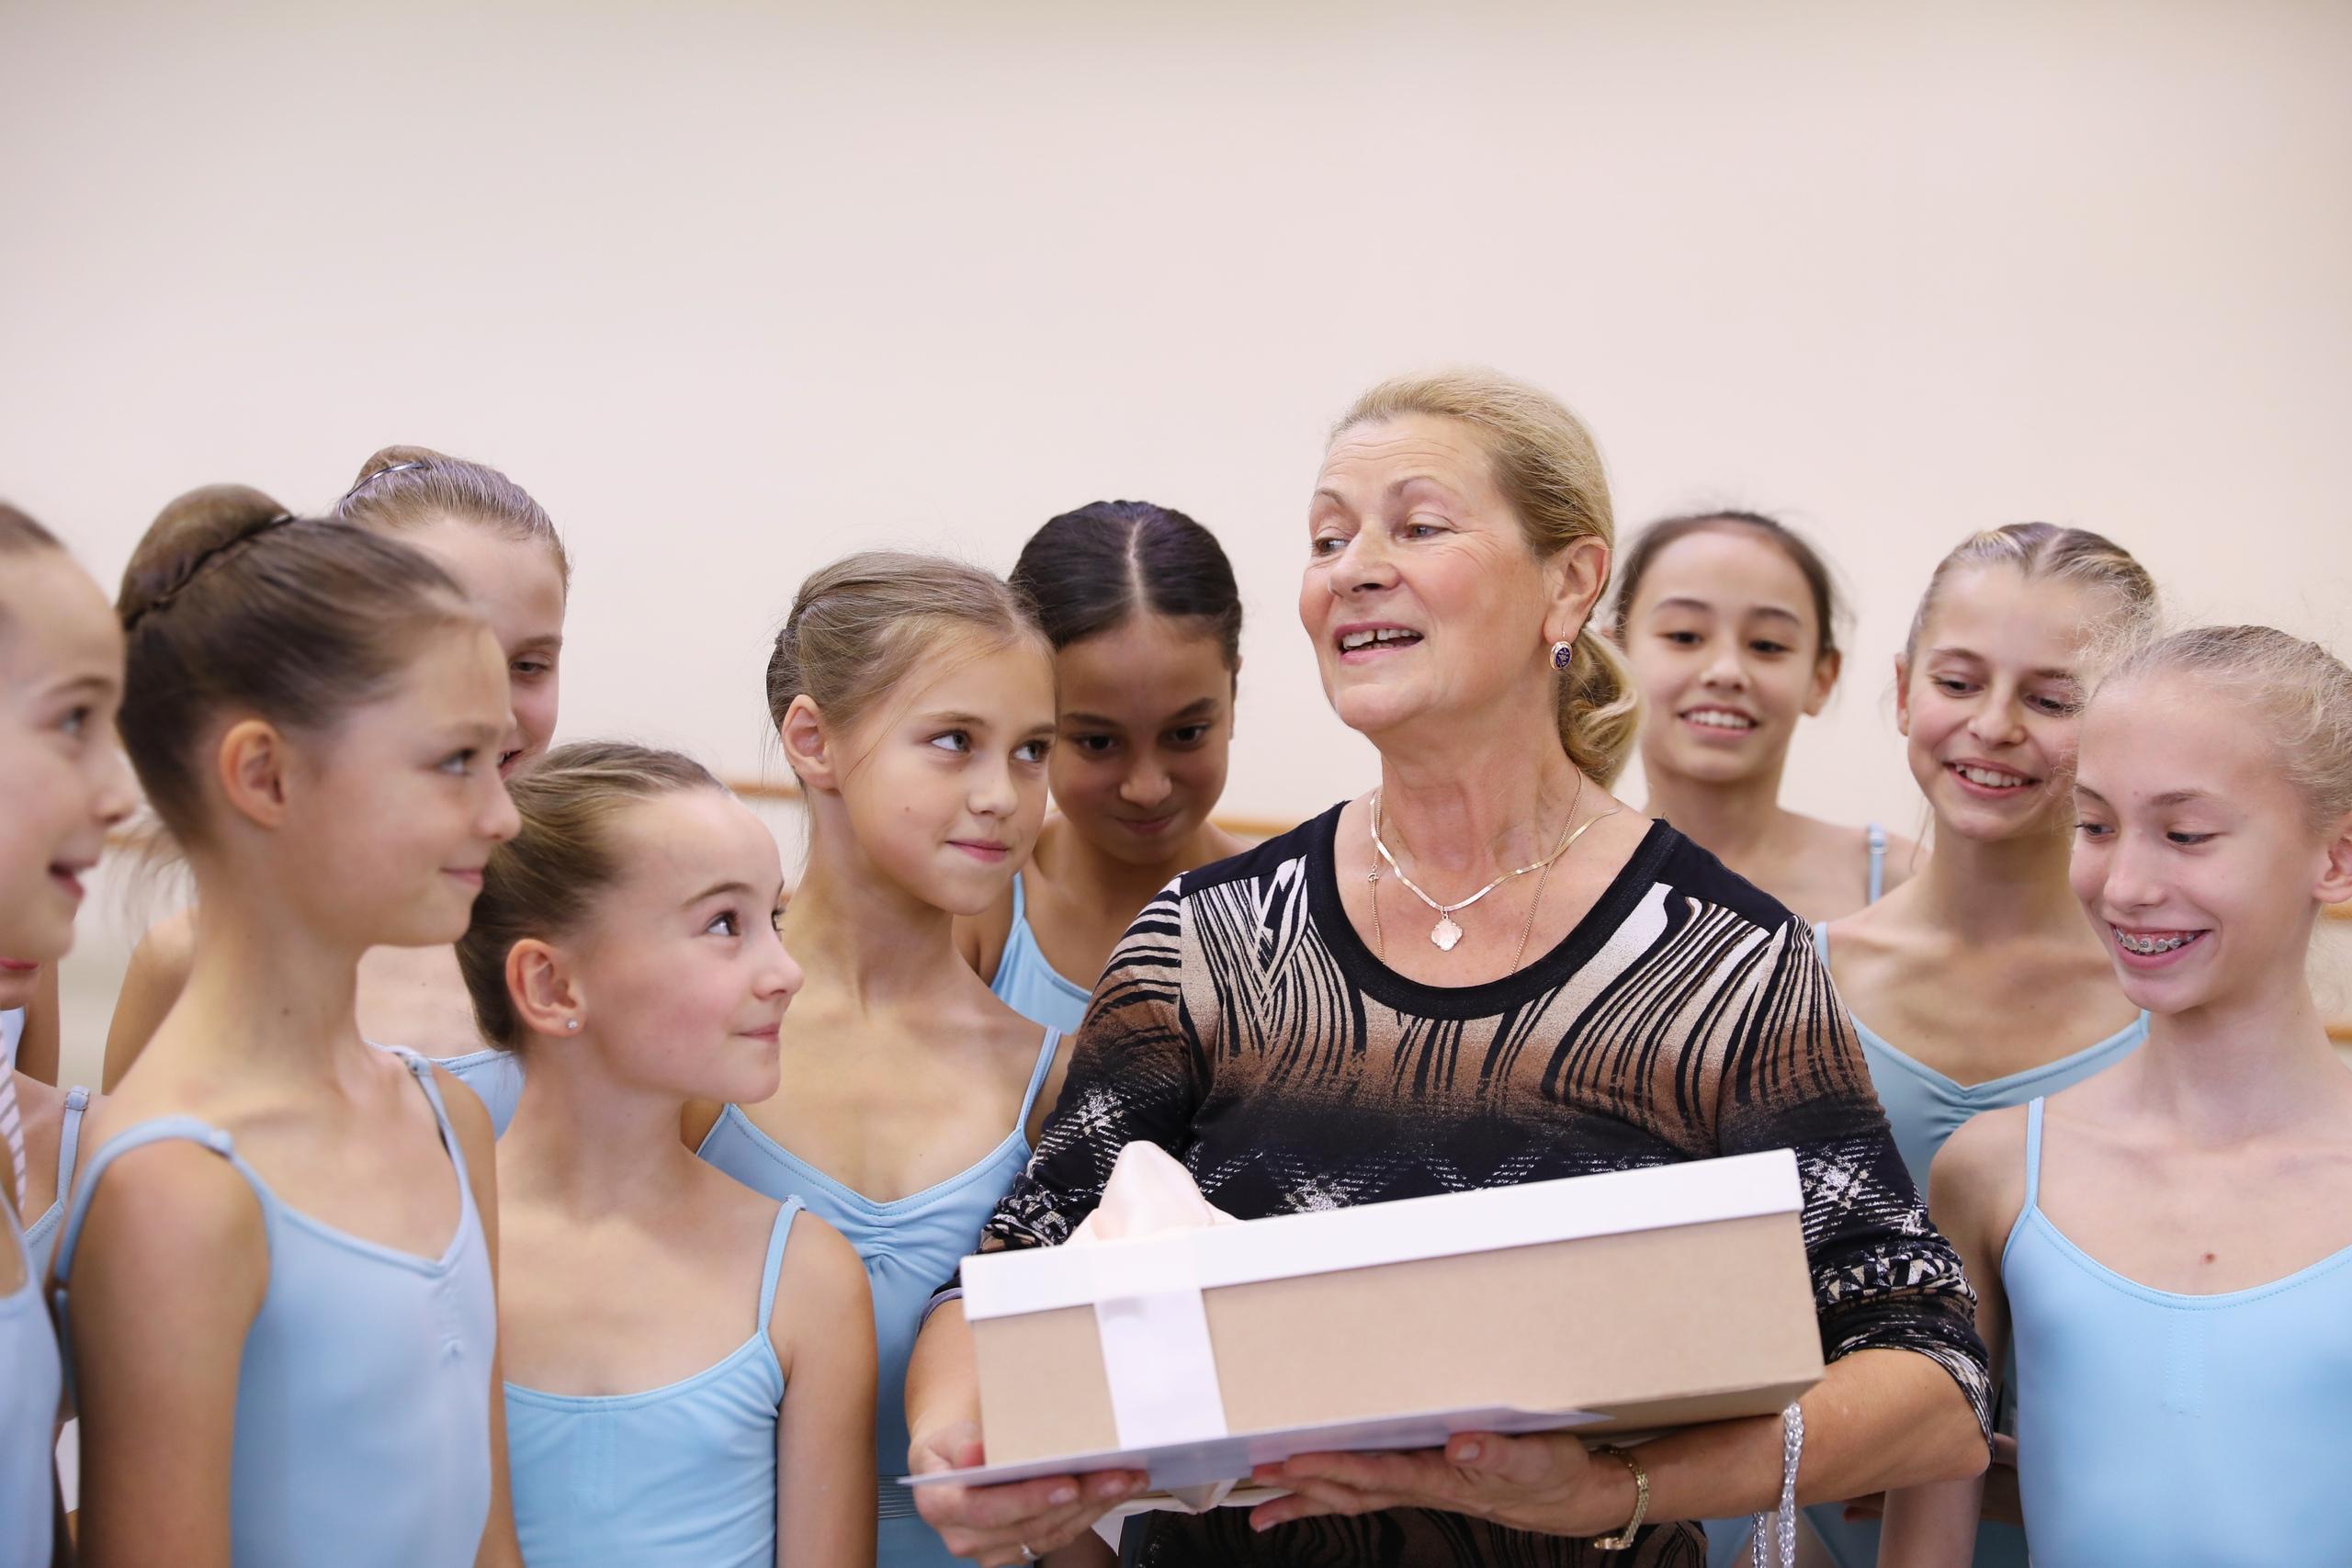 Воспитанницы Комоловой поздравили её с днём рождения